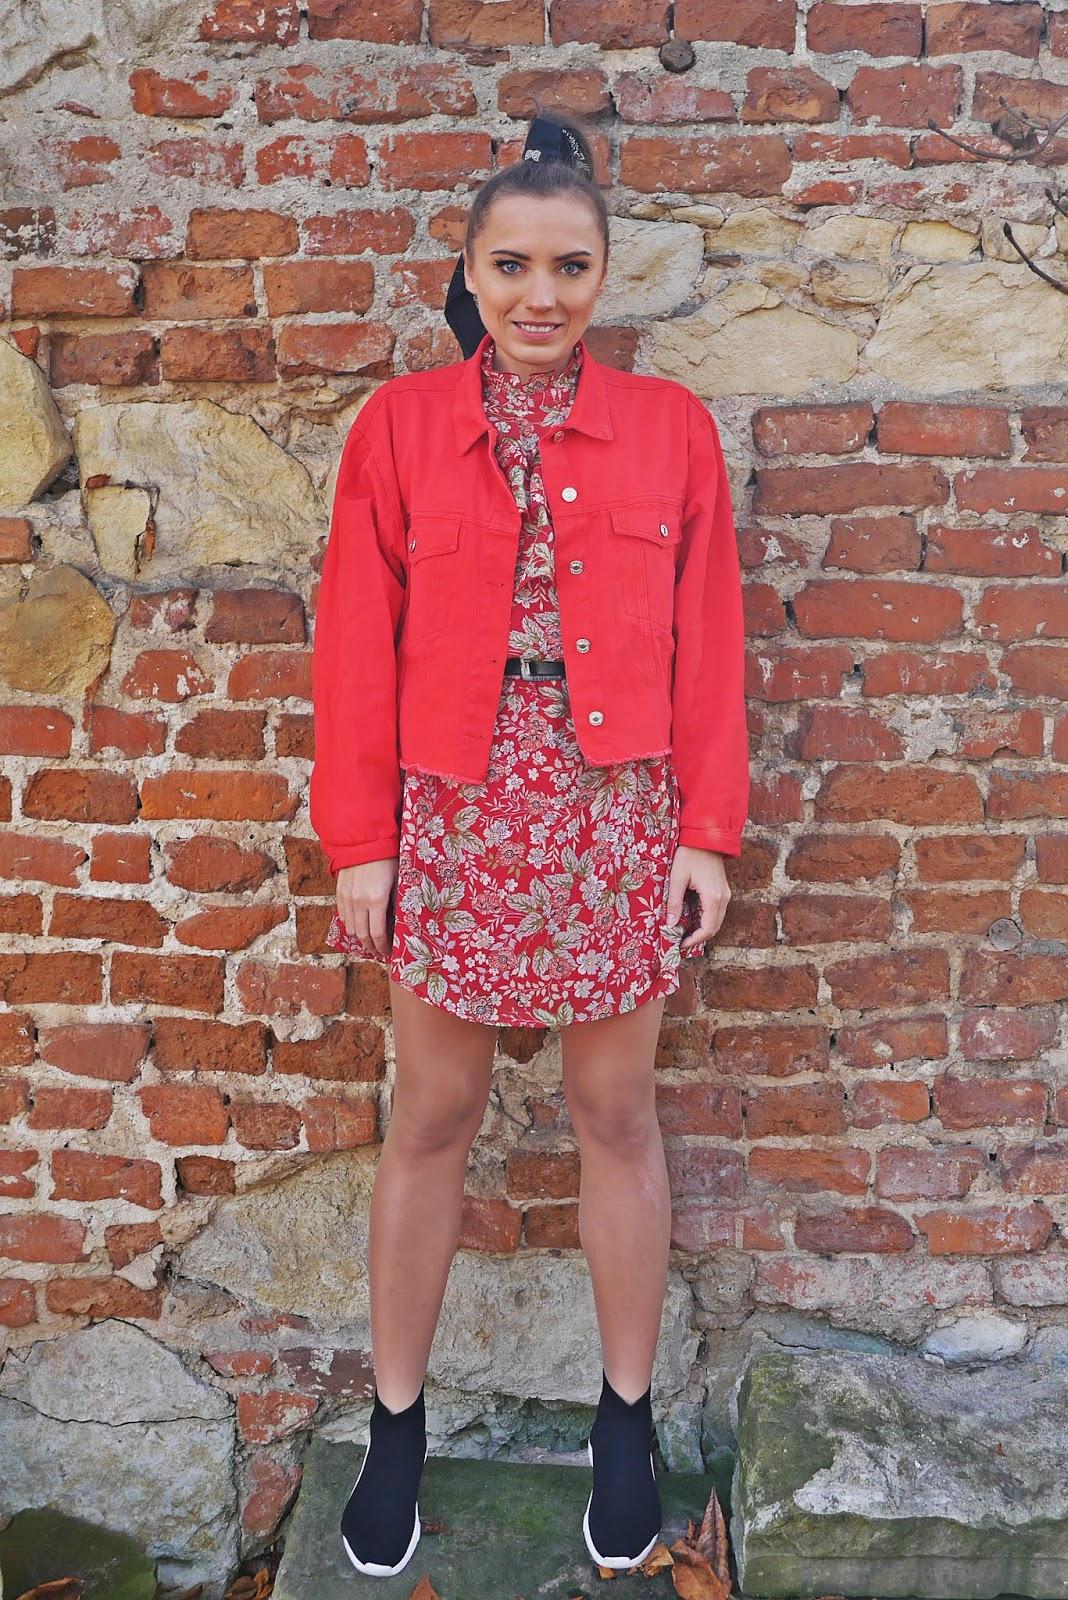 Skarpetkowe buty balenciaga renee czerwona kurtka karyn blog modowy